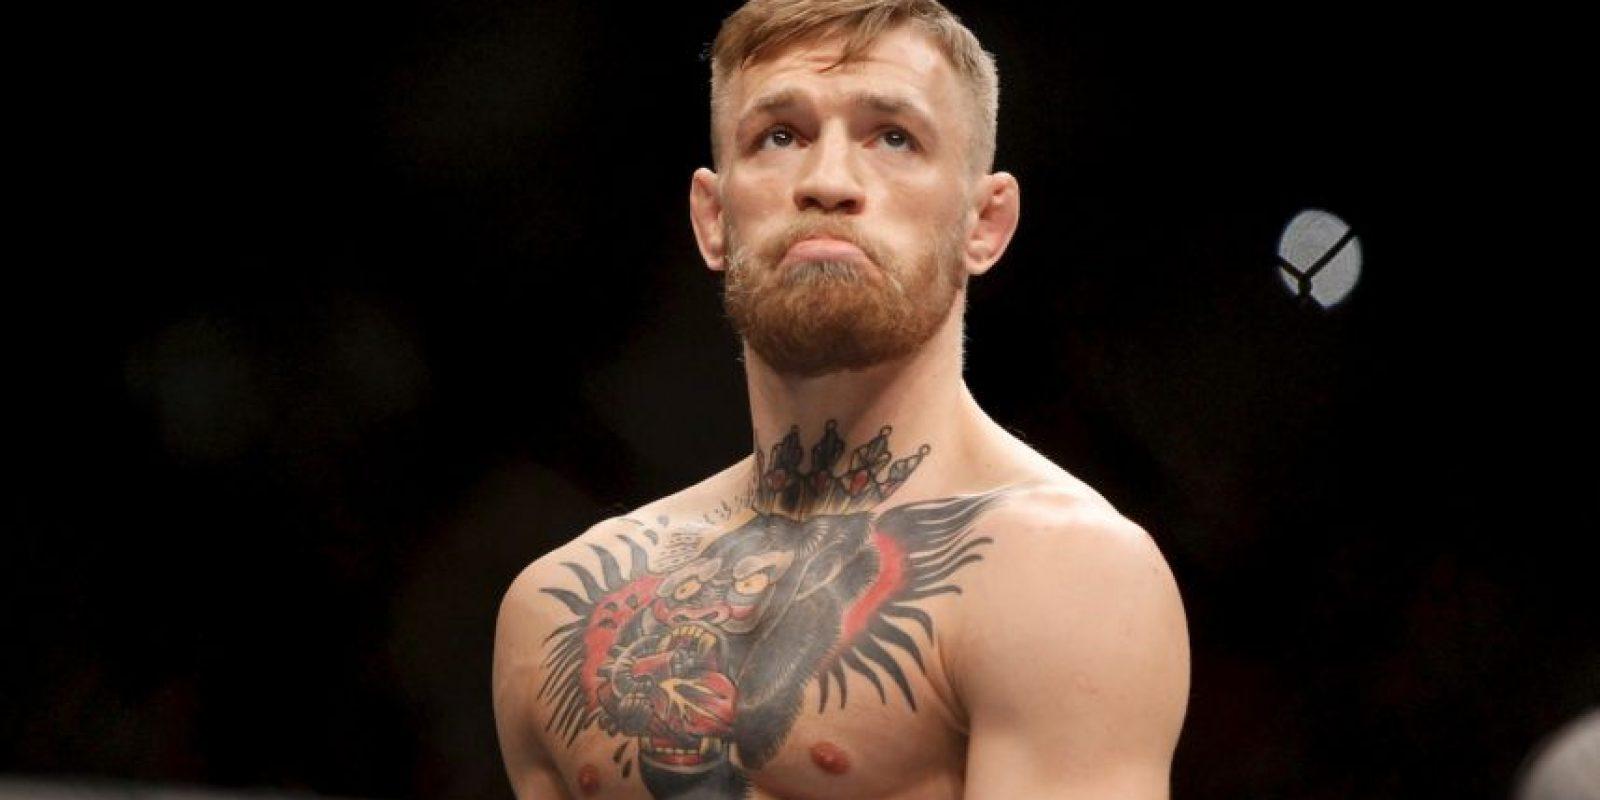 Se unió a la UFC en febrero de 2013 y comenzó así su carrera dentro de las artes marciales mixtas. Foto:Getty Images